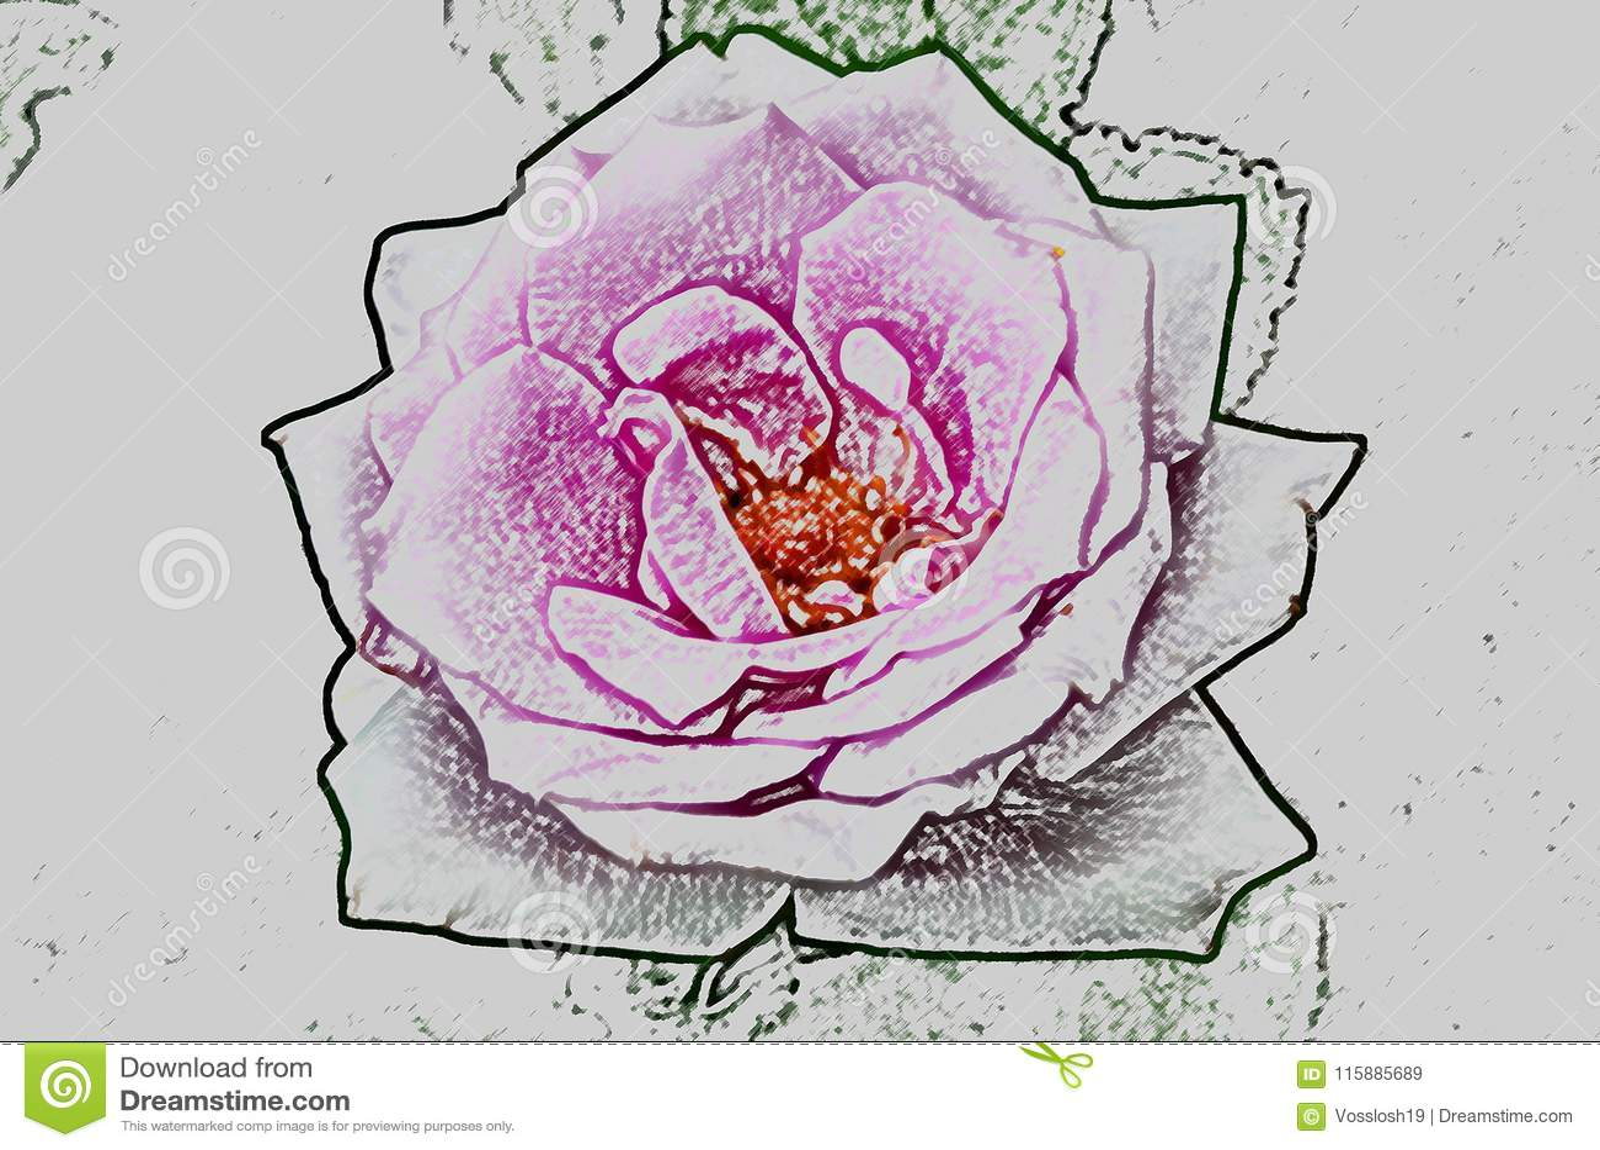 Disegno Astratto Di Un Fiore Di Una Rosa Imitante Disegno Da Una